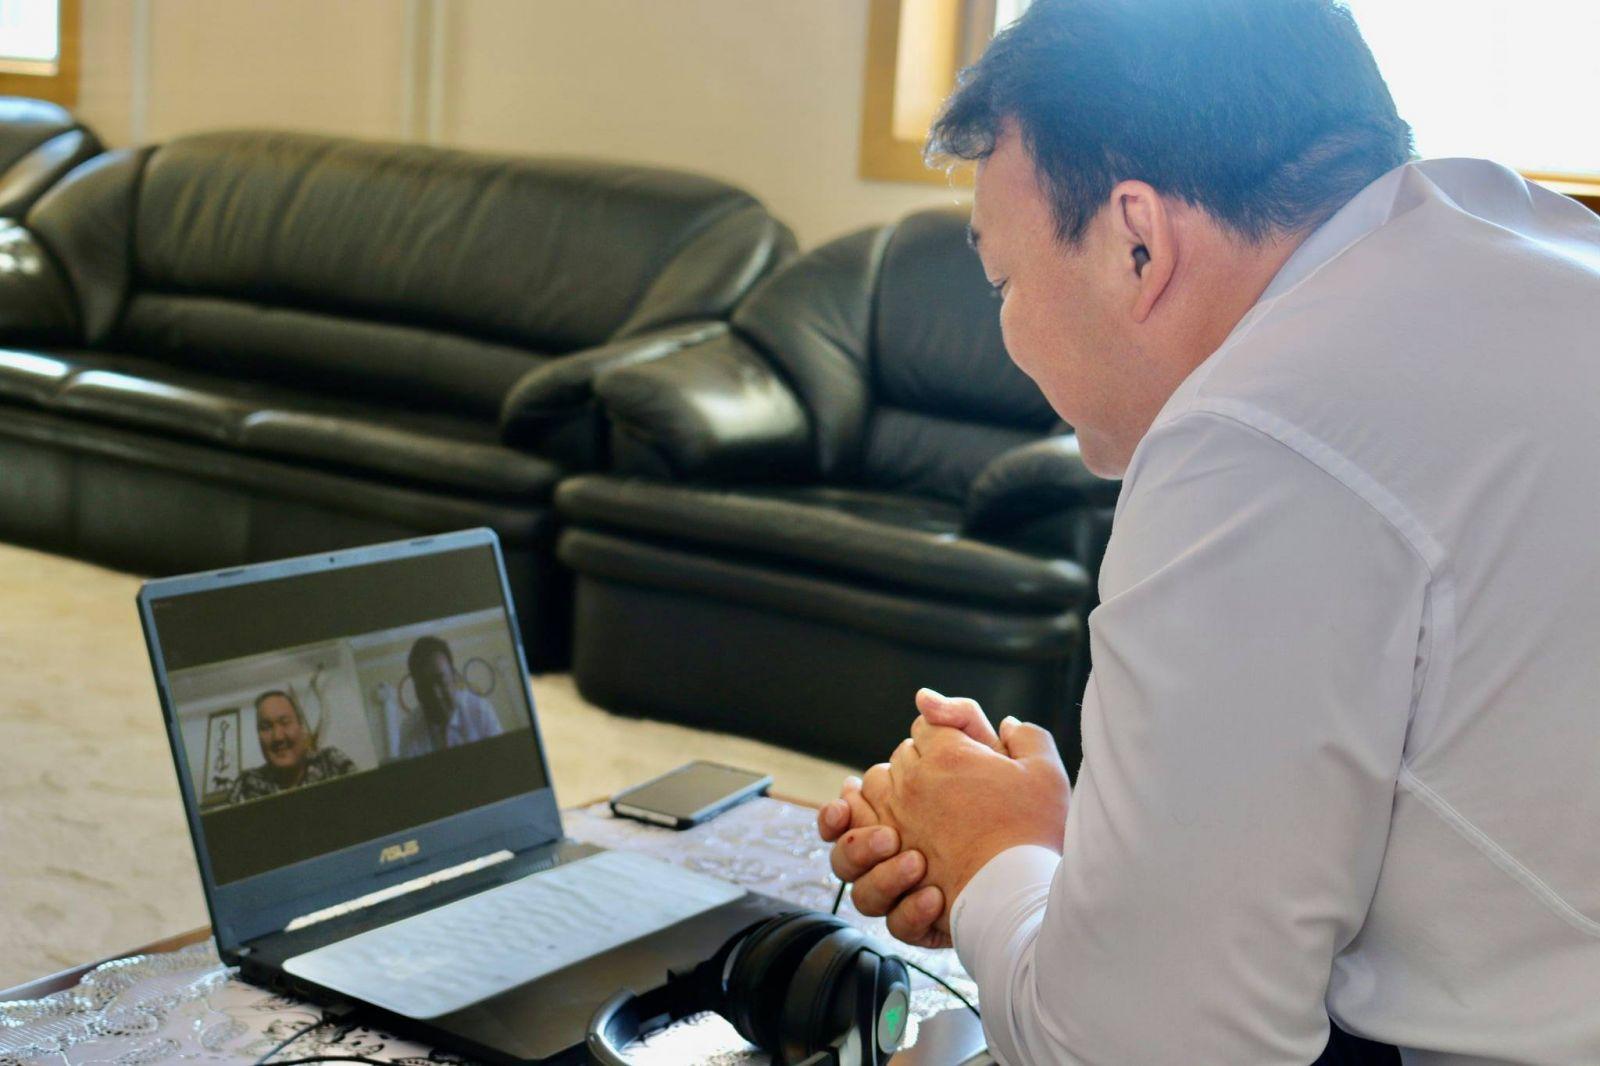 МҮОХ-ны Ерөнхийлөгч Н.Түвшинбаяр, Монголын олимпийн багийн элч Хакүхо нар цахимаар ярилцав